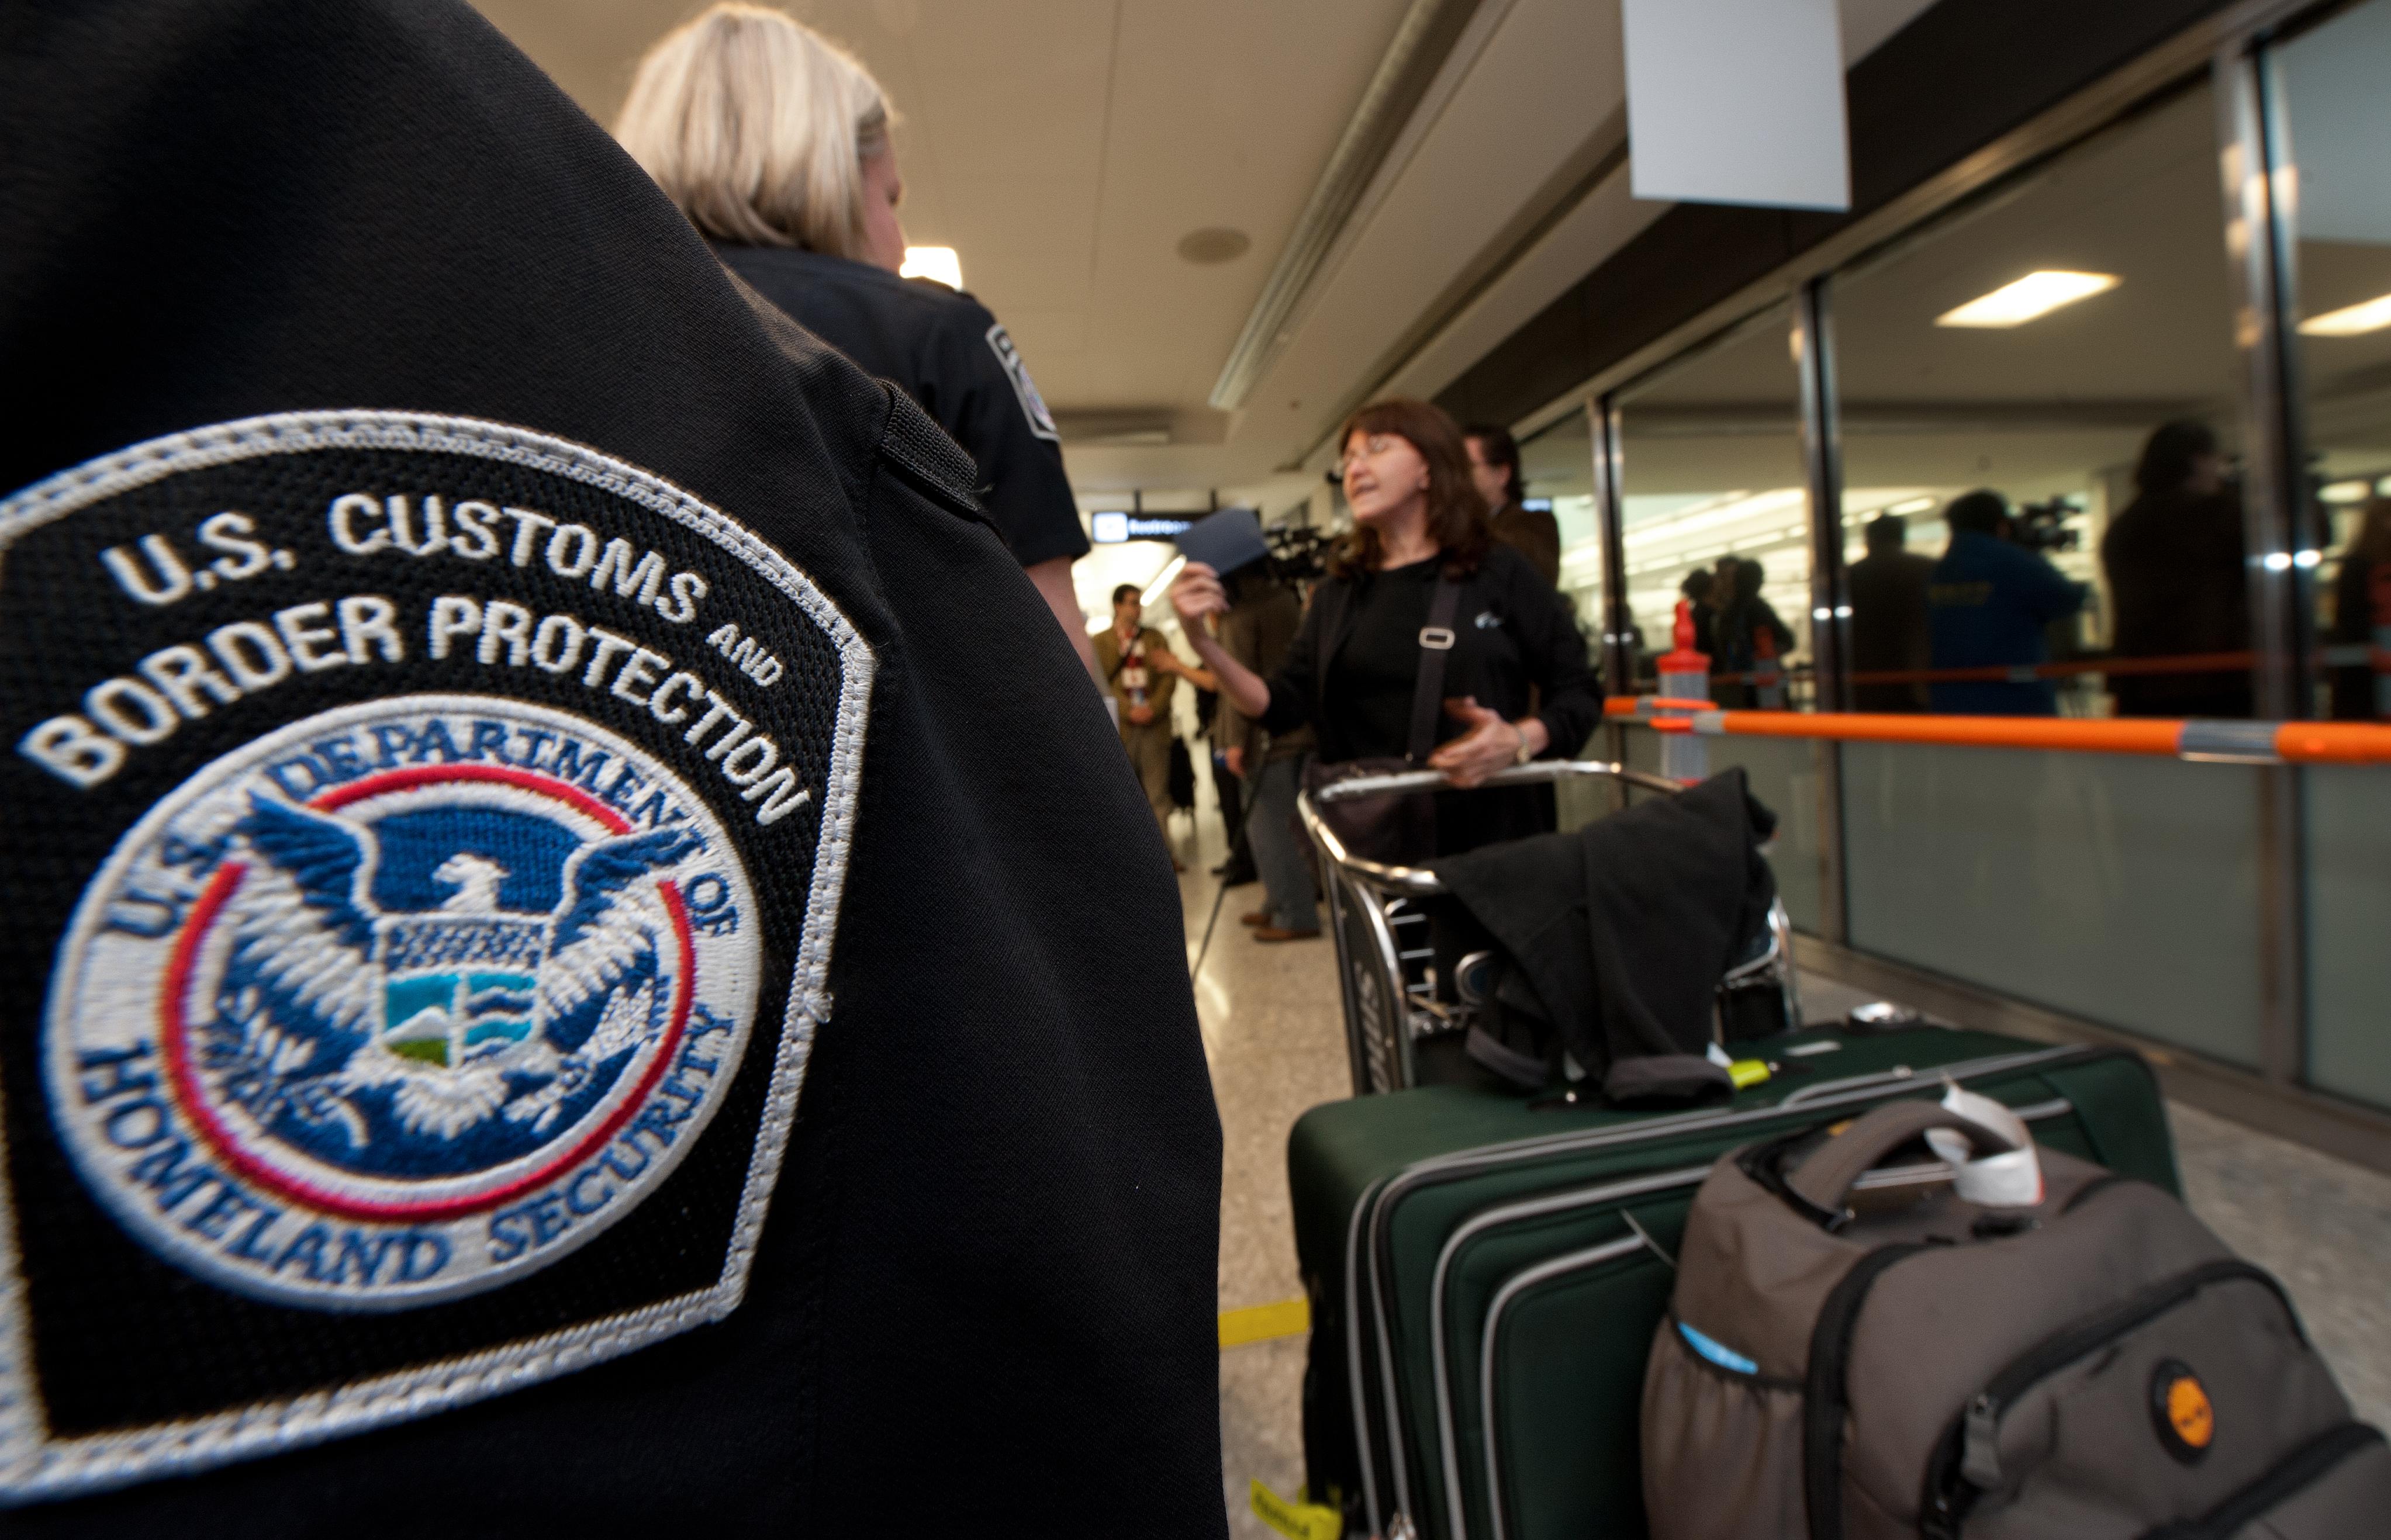 Пограничная служба обновила правила проверки электронных устройств